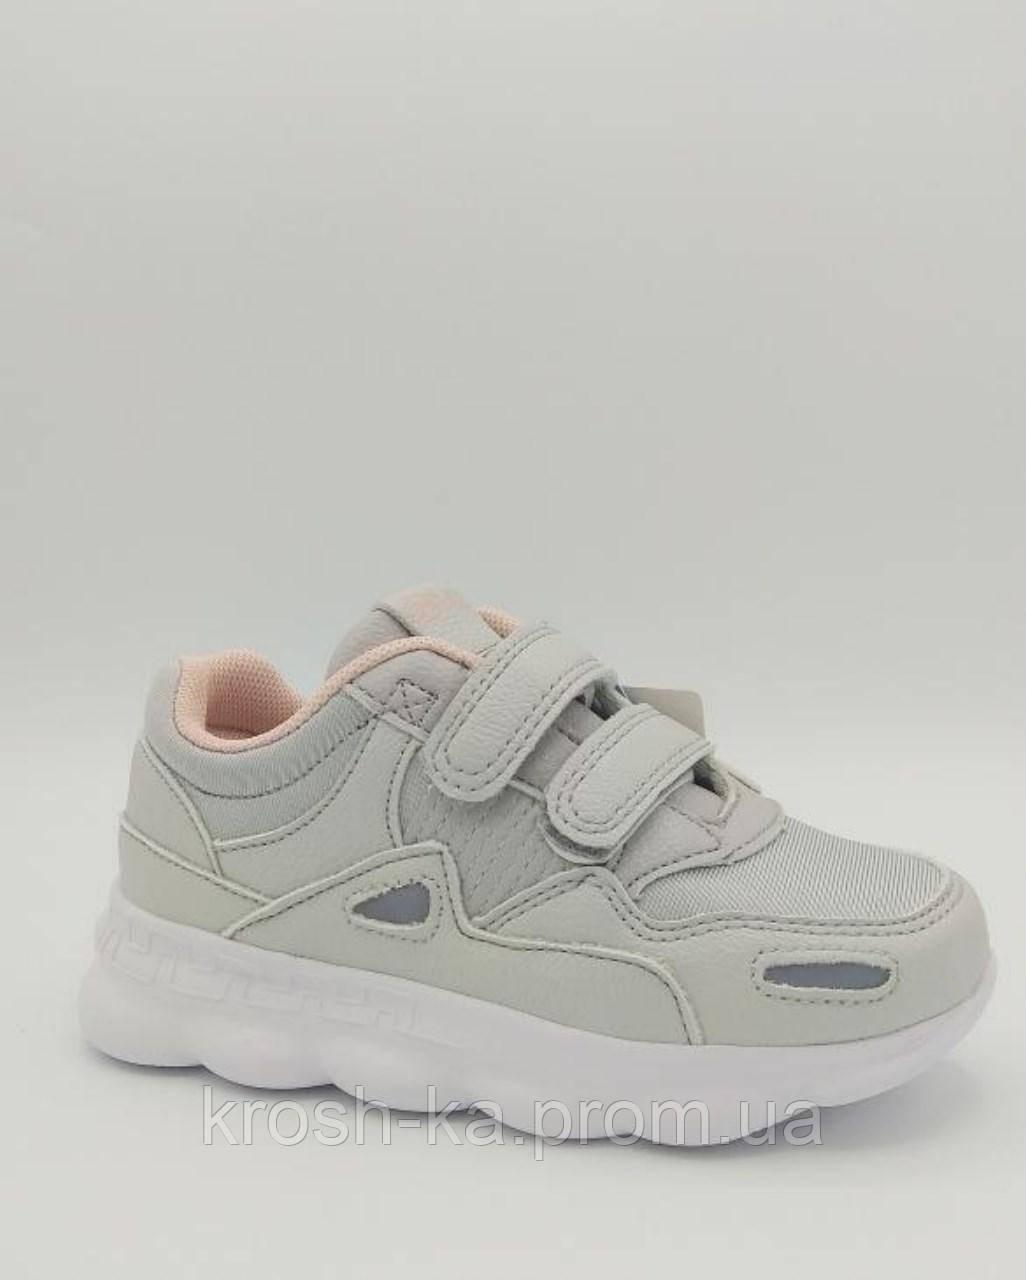 Кроссовки для девочки на липучках Tom.m Китай серый D0510